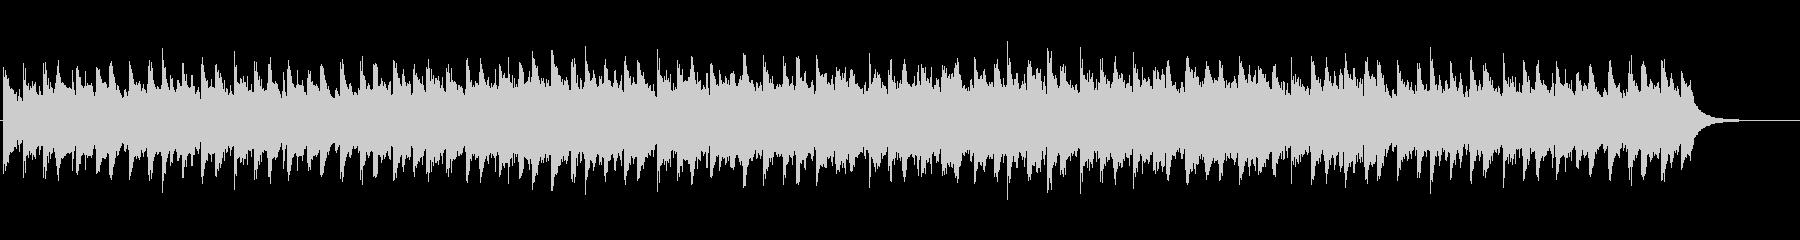 未来に向けたピアノストリングス ループ可の未再生の波形